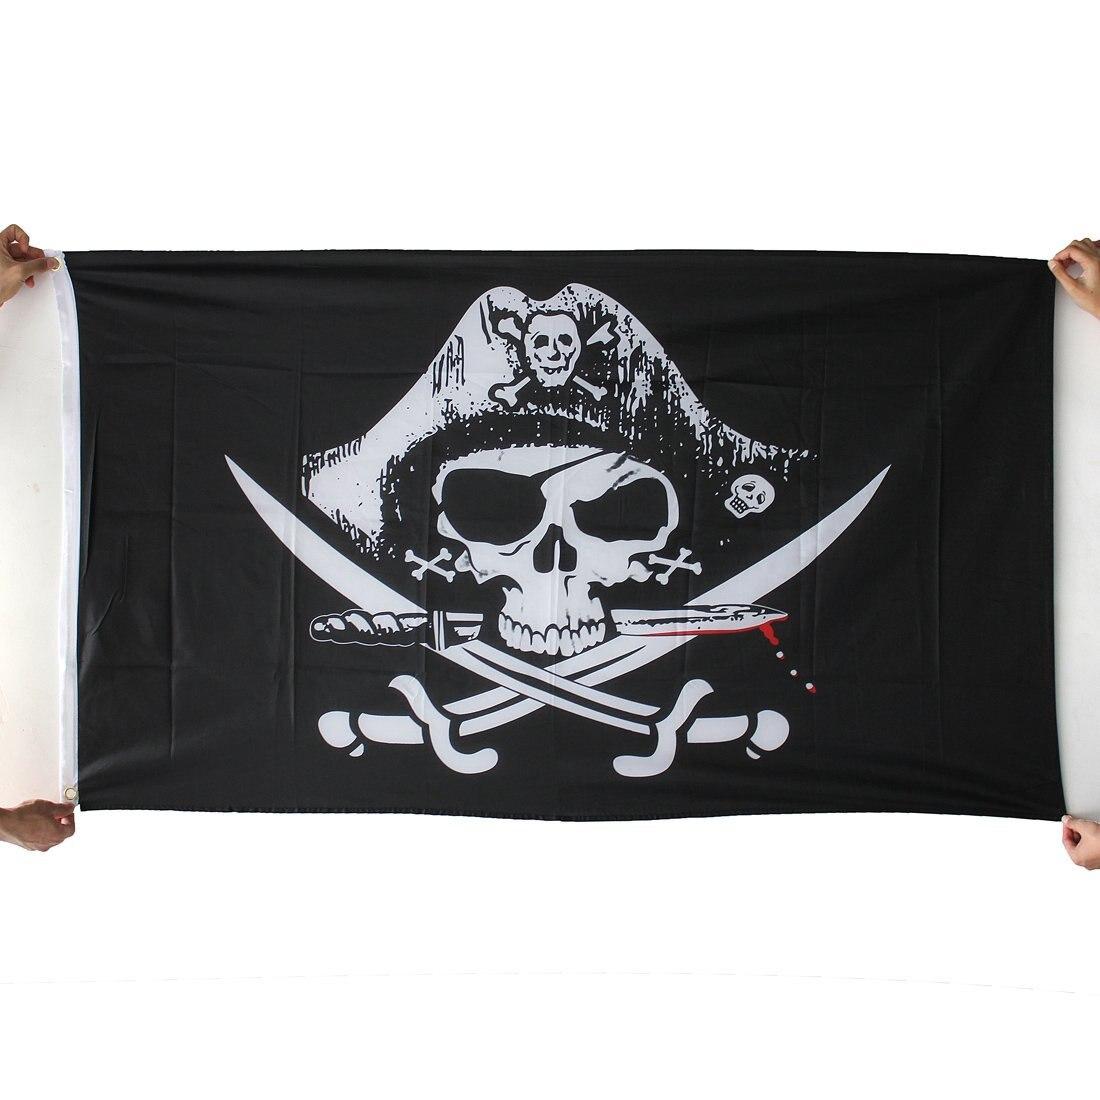 SZS Hot Drapeaux de pirate Caraibes Crane tete skull squelette corsaire sabre Jolly roger 150 x 90cm